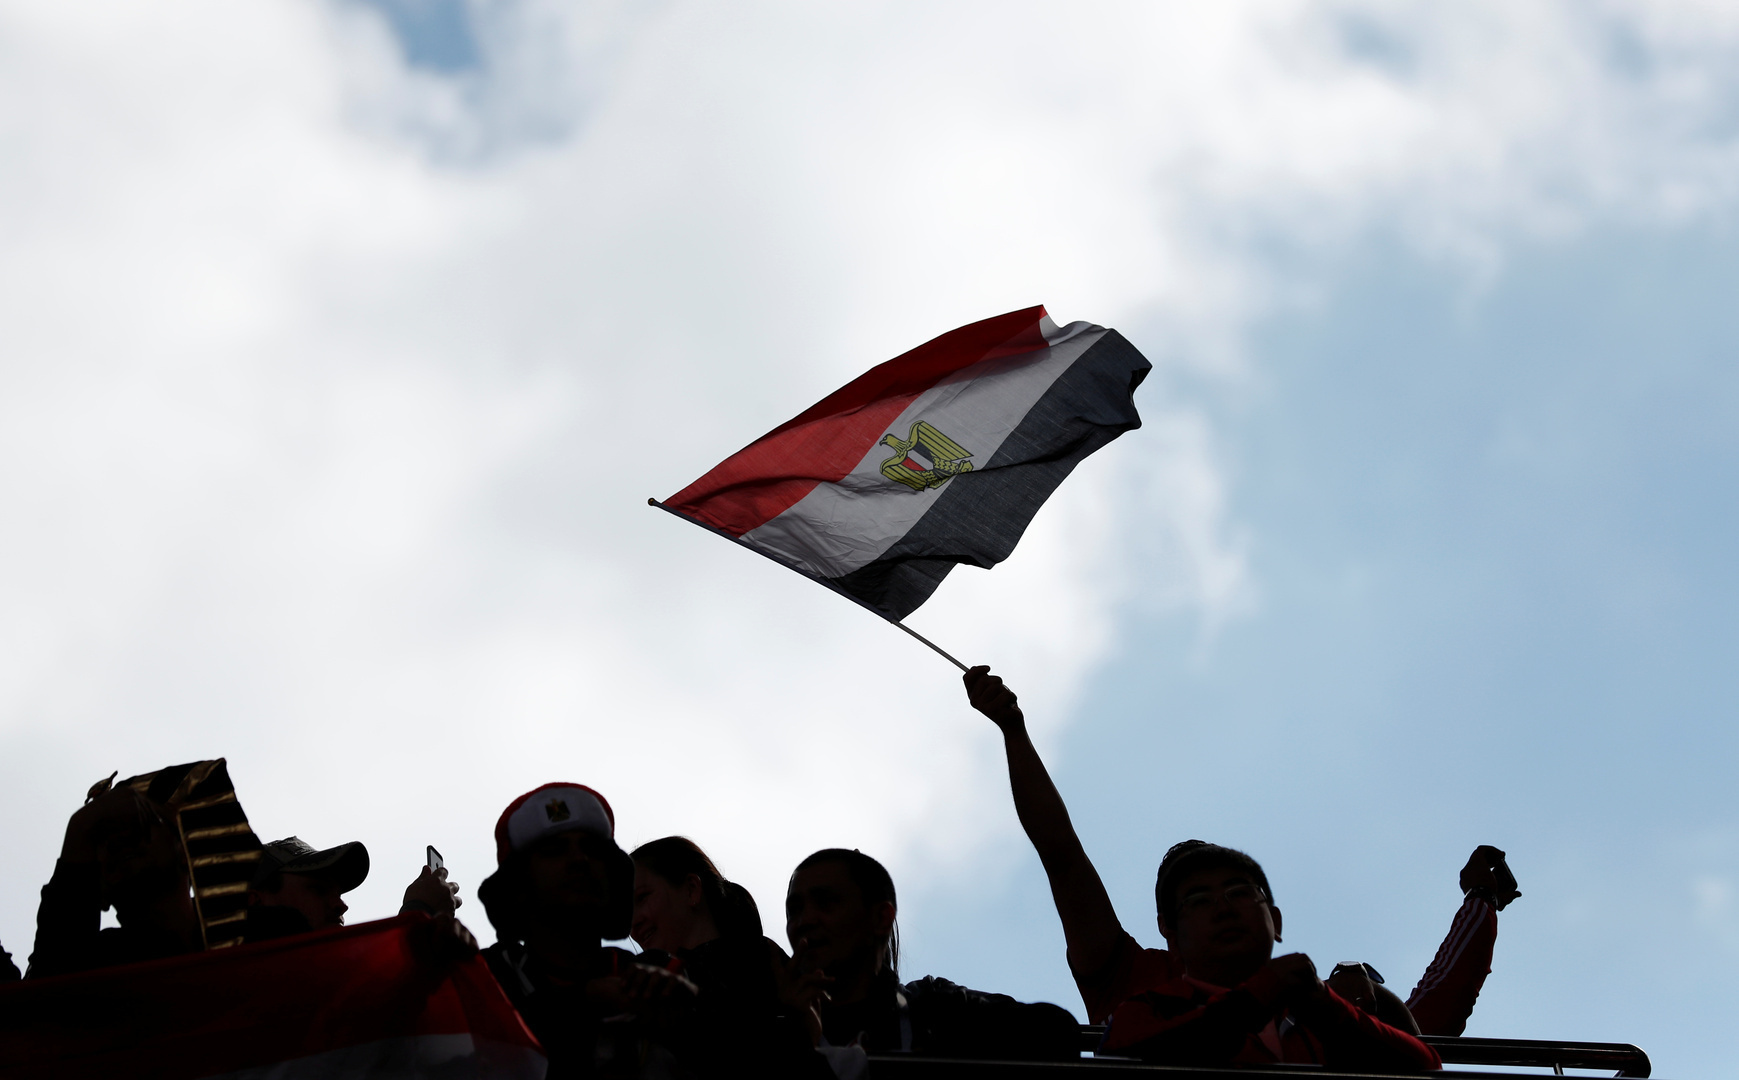 مصر تكشف تطورات عودة العمالة إلى ليبيا وتعلق على حادث مواطن بالكويت